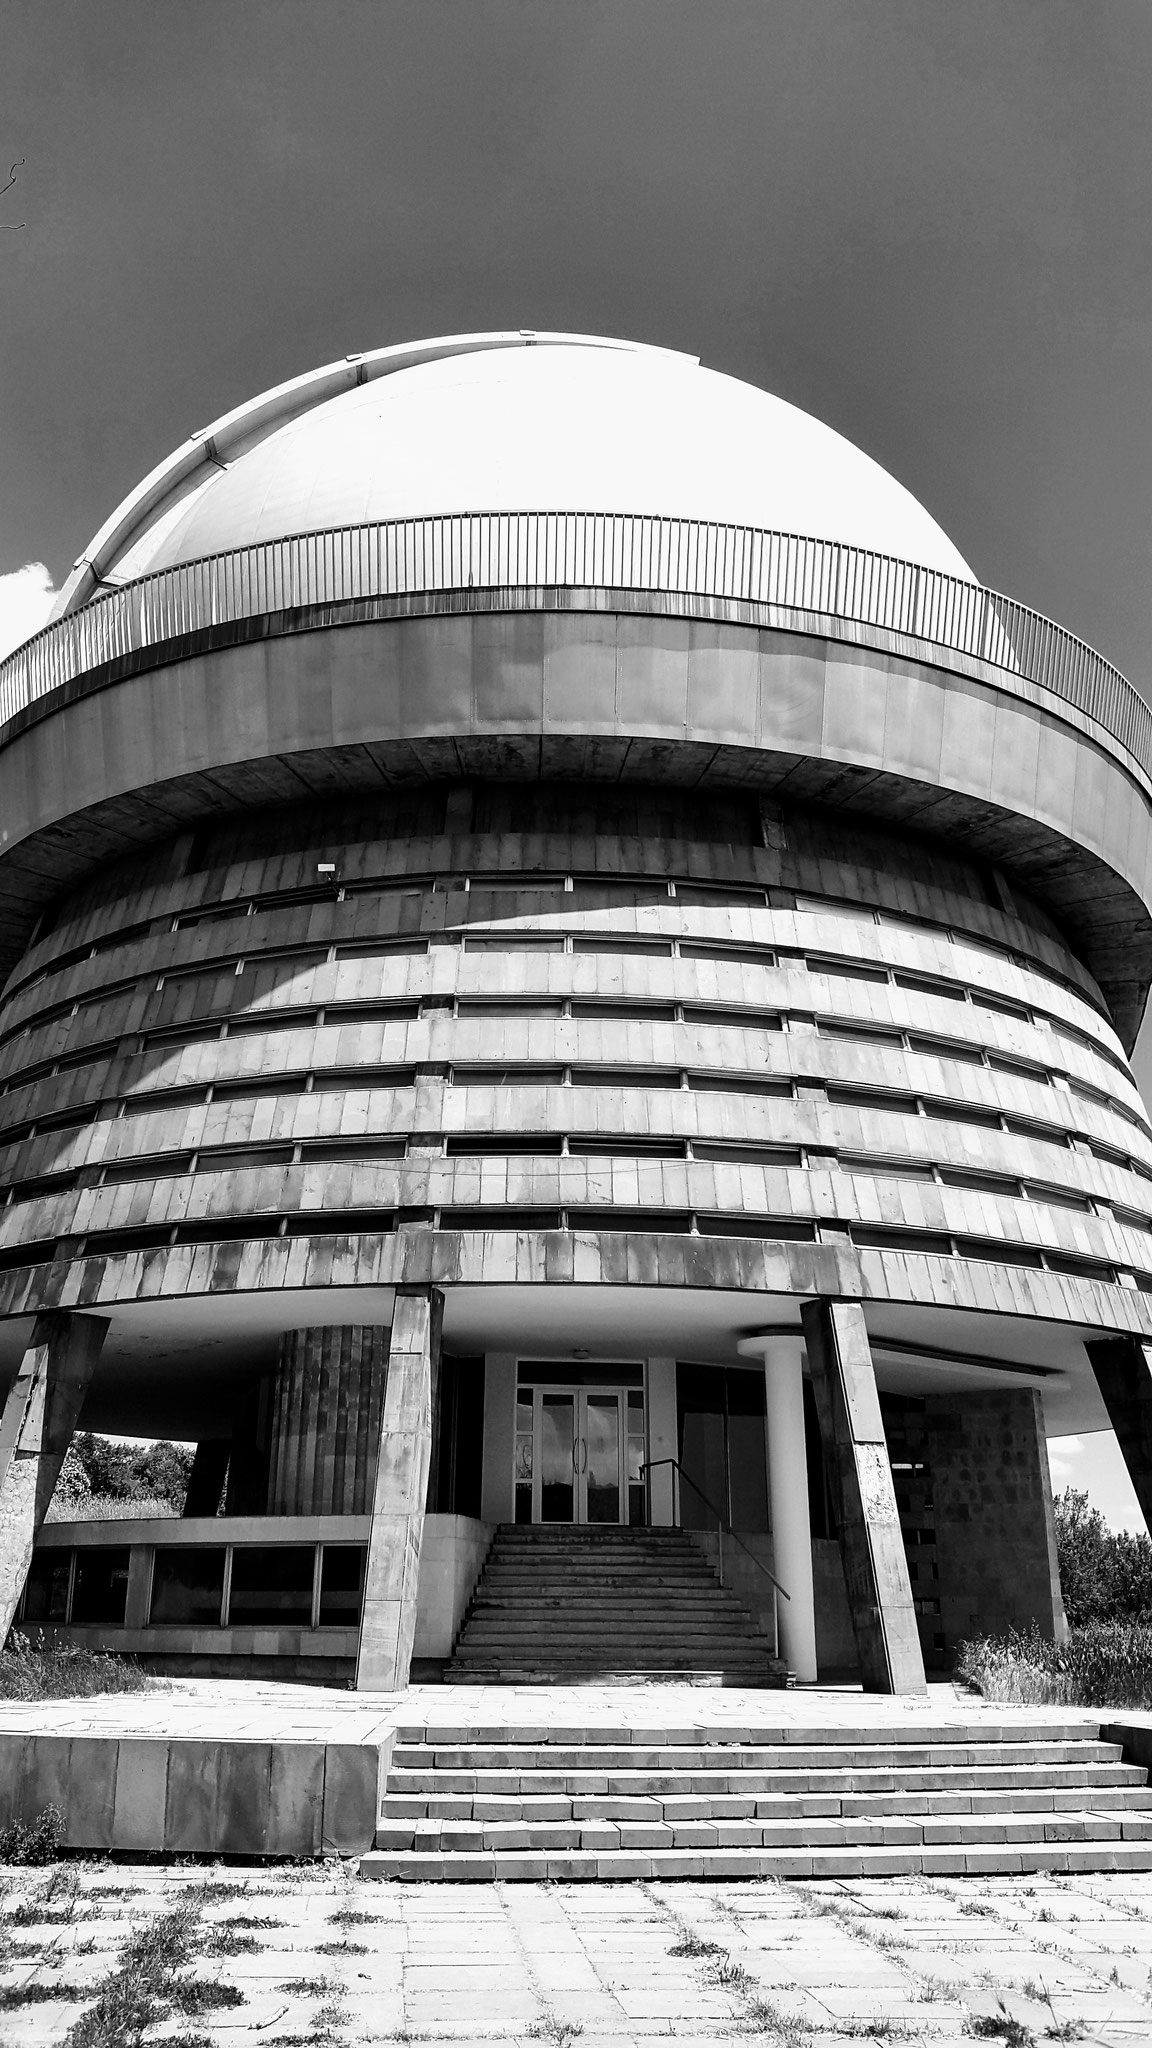 Byurakan Observatorium